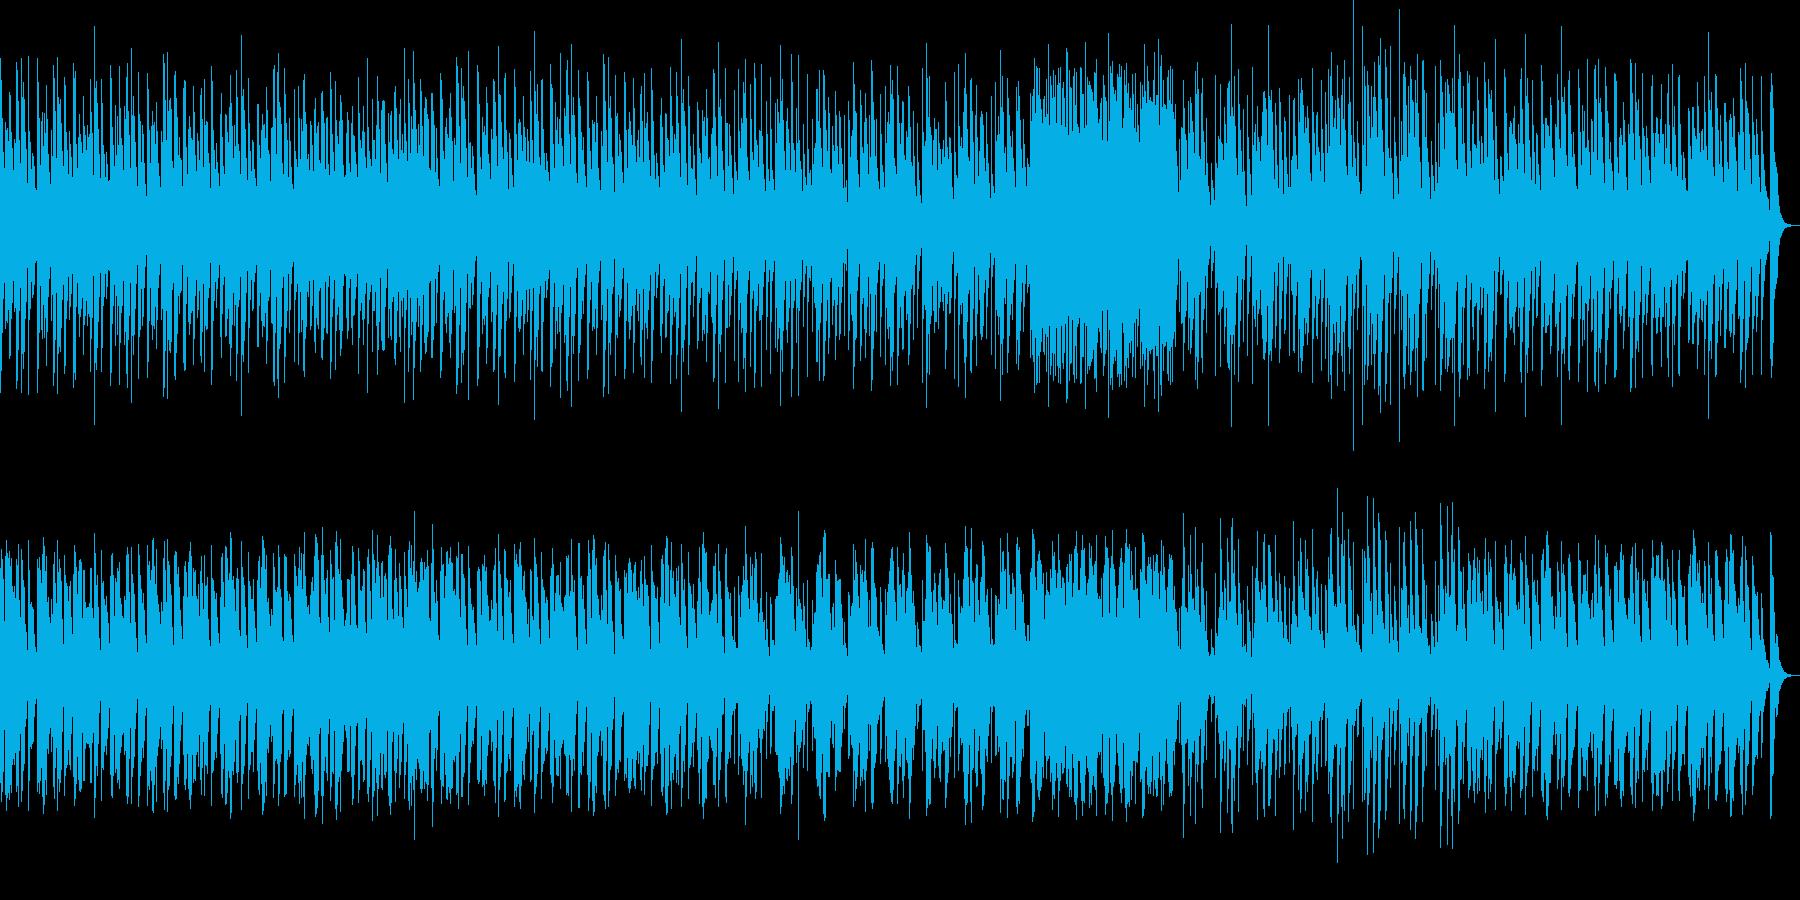 サスペンスな刻むマリンバソロの再生済みの波形